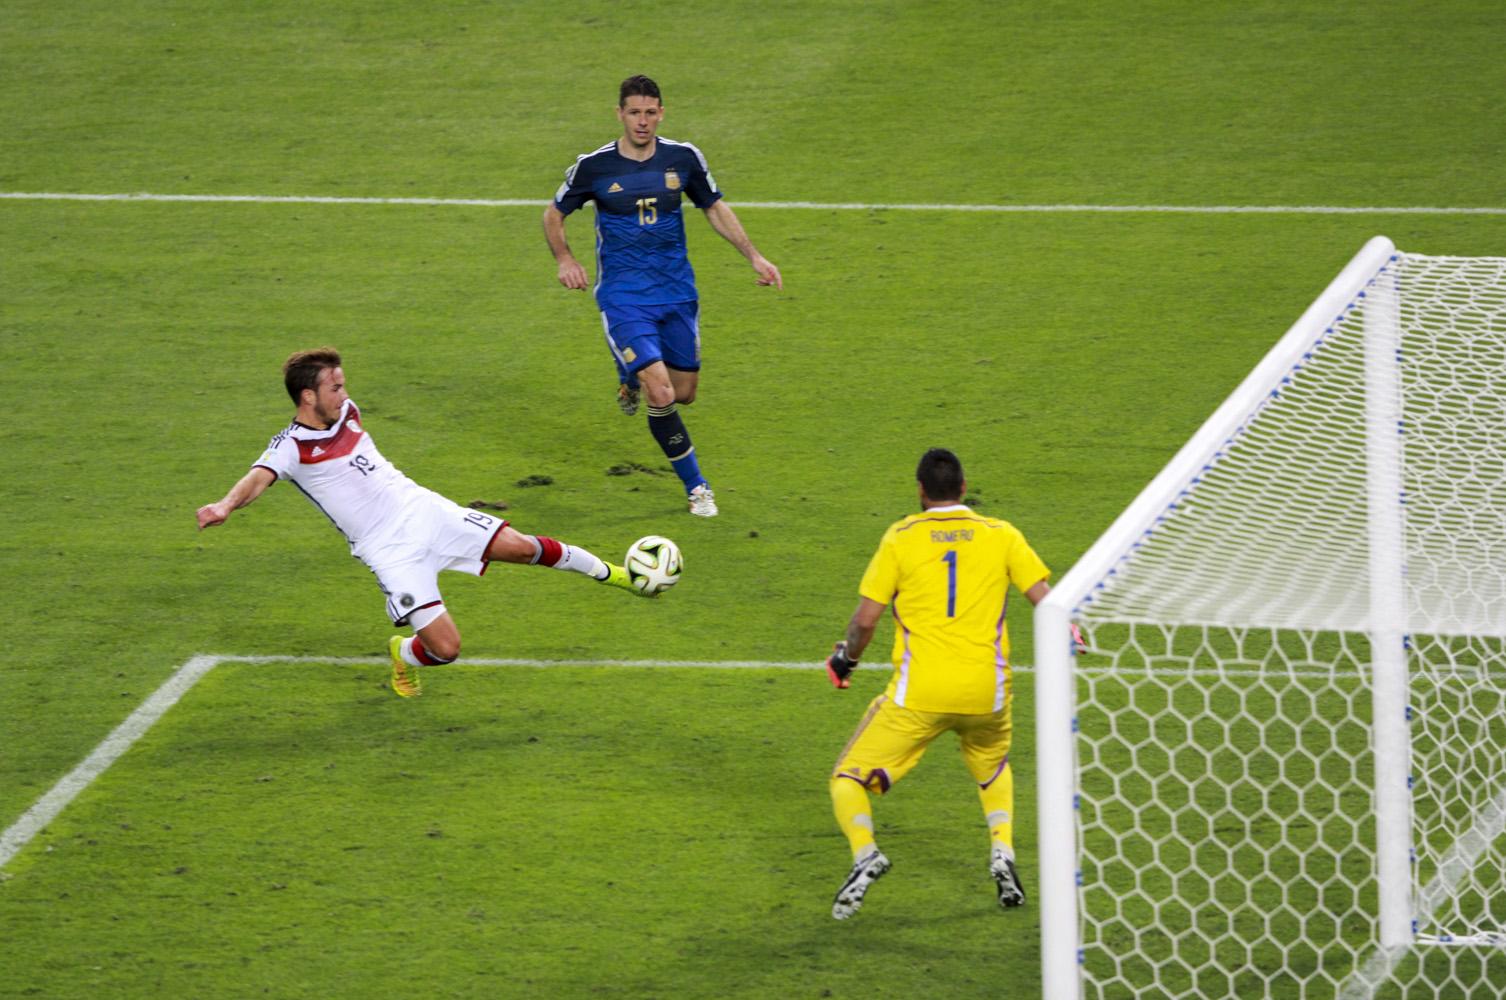 Resmi maçlarda Almanya başarılı